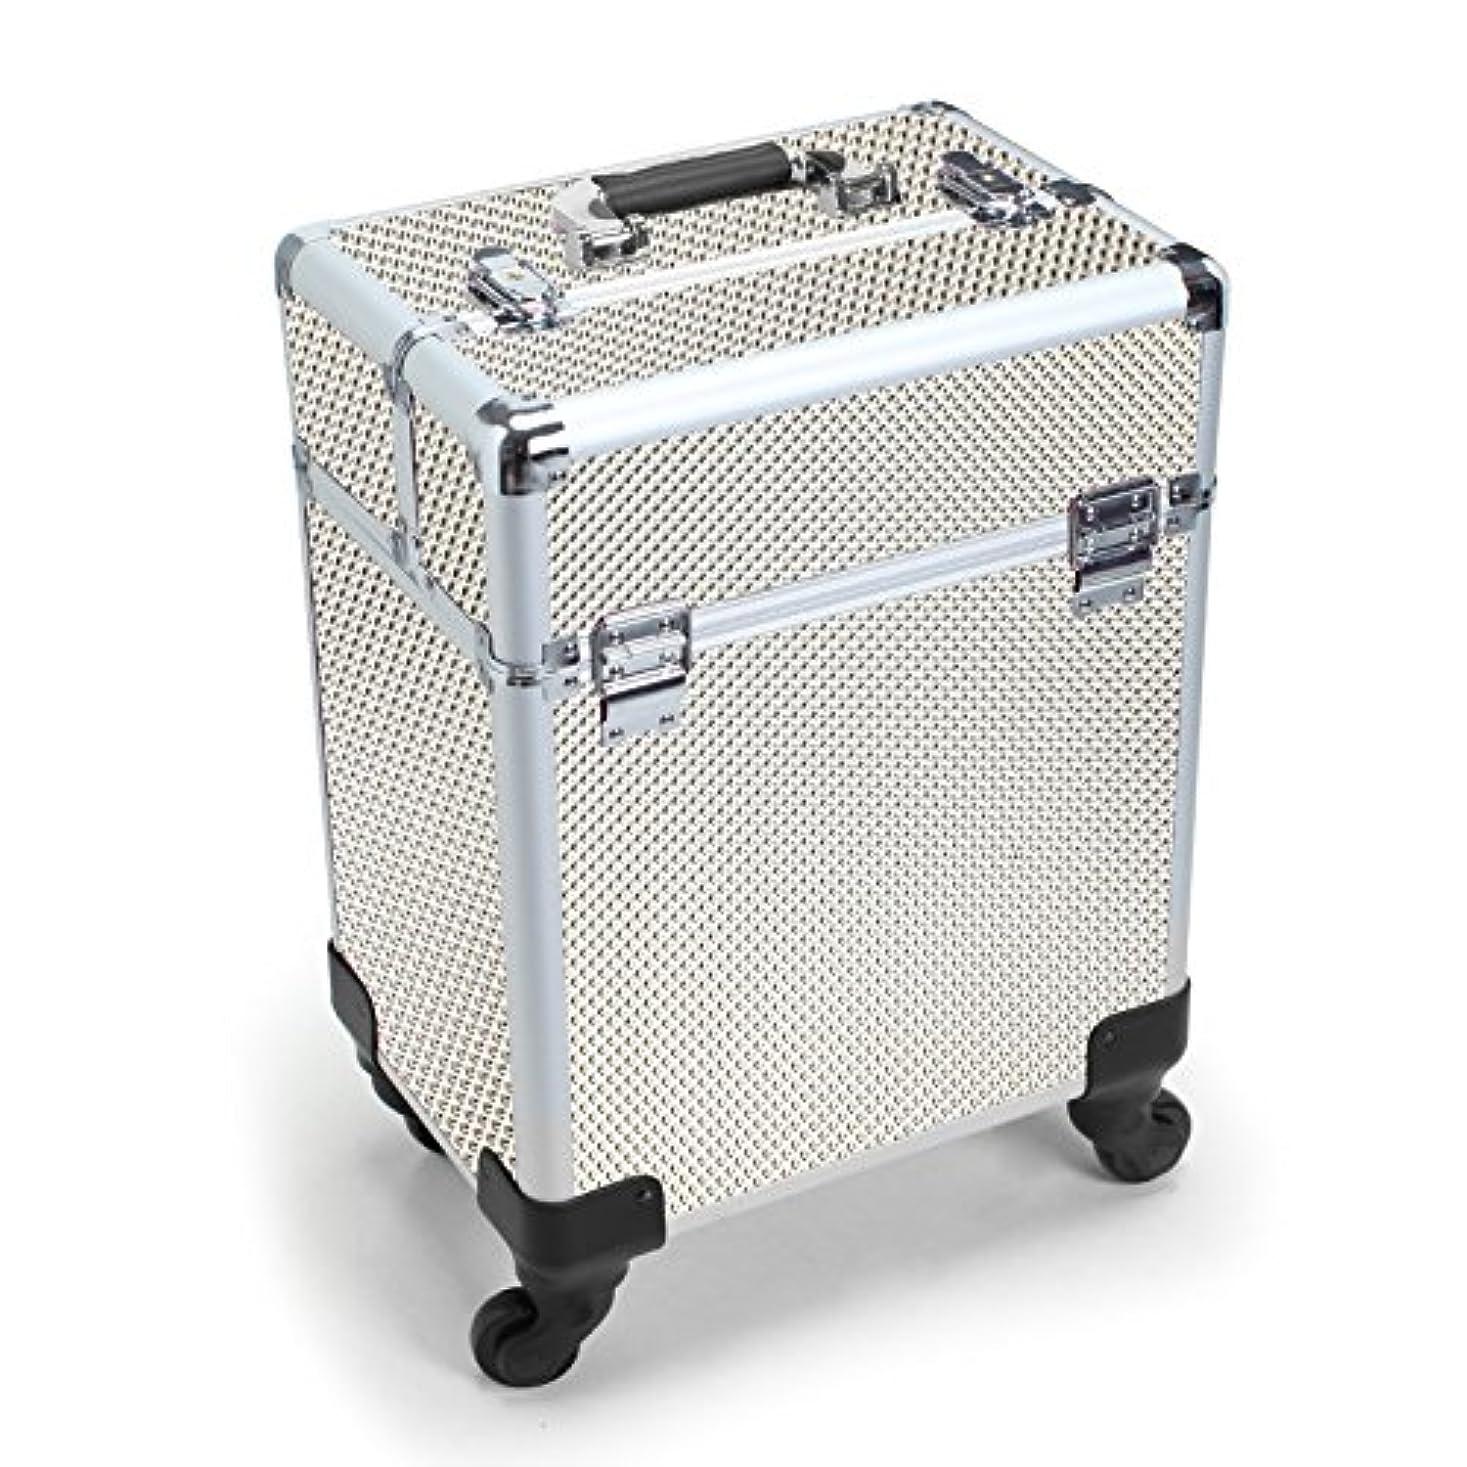 不承認不承認呼吸MCTECH キャリーケース レバー式 メイクボックス 美容師用 スーツケース型 化粧品 プロ用 薬箱 救急箱 収納 キャスター付き カギ付き 超大型メイクケース ジルバー